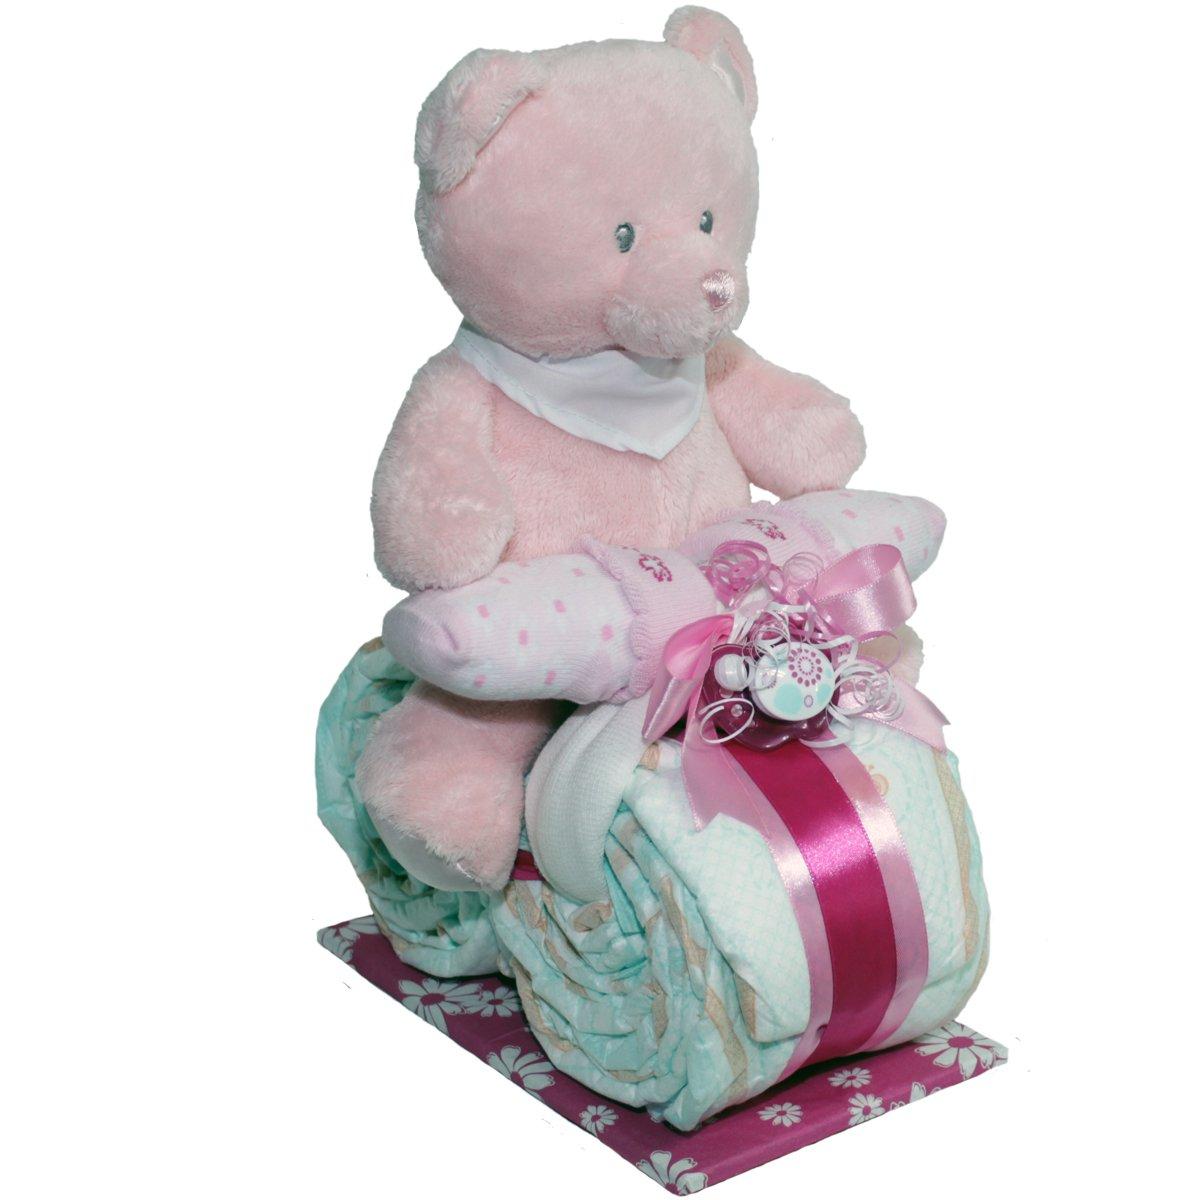 ✿ Windelmotorrad 'Belinda' ✿ rosa/pink fü r Mä dchen mit Plü schbä r / Teddybä r fü r Kinder unter 3Jahre geeignet Windeltorte Windeltorten.Eu